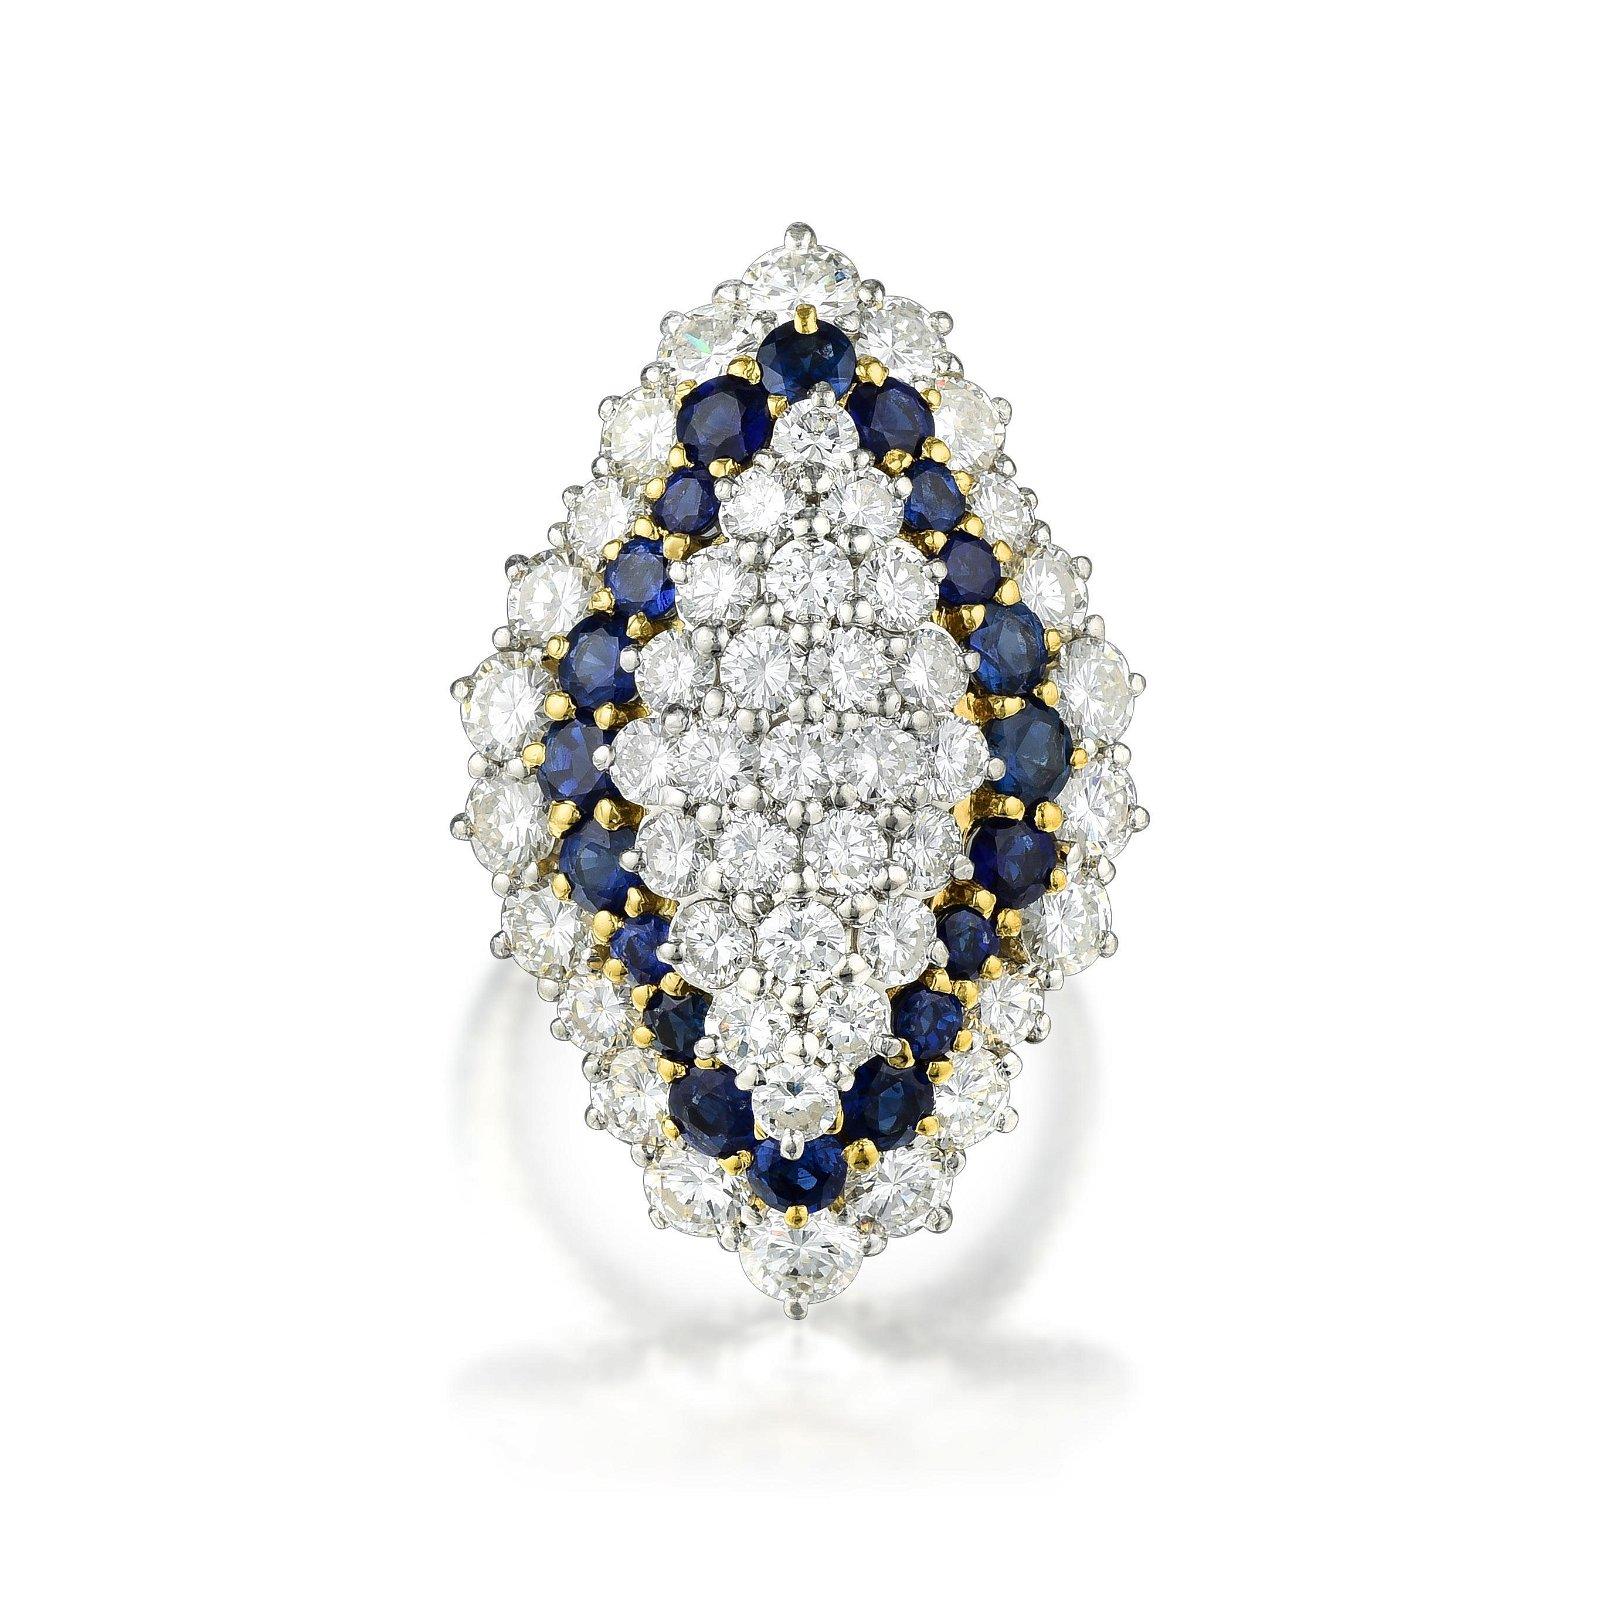 M. Gerard Paris Diamond and Sapphire Ring